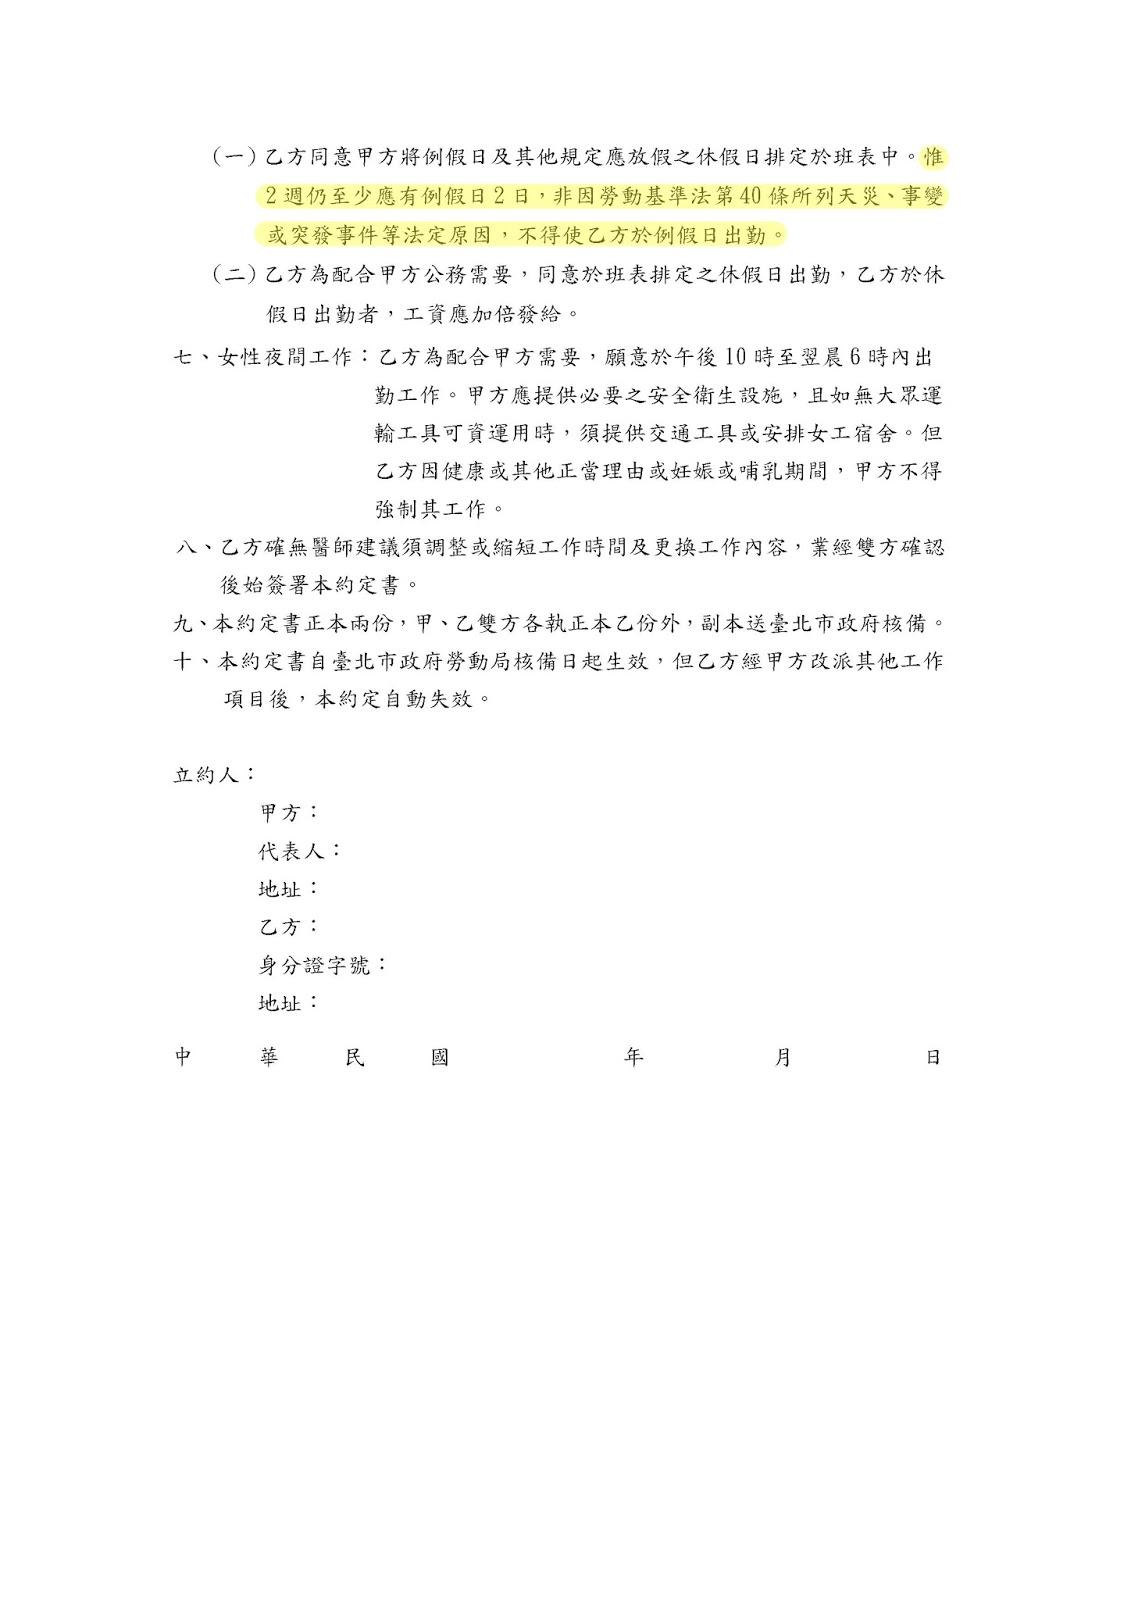 台北市勞動局第84-1條約定書(保全人員)範本